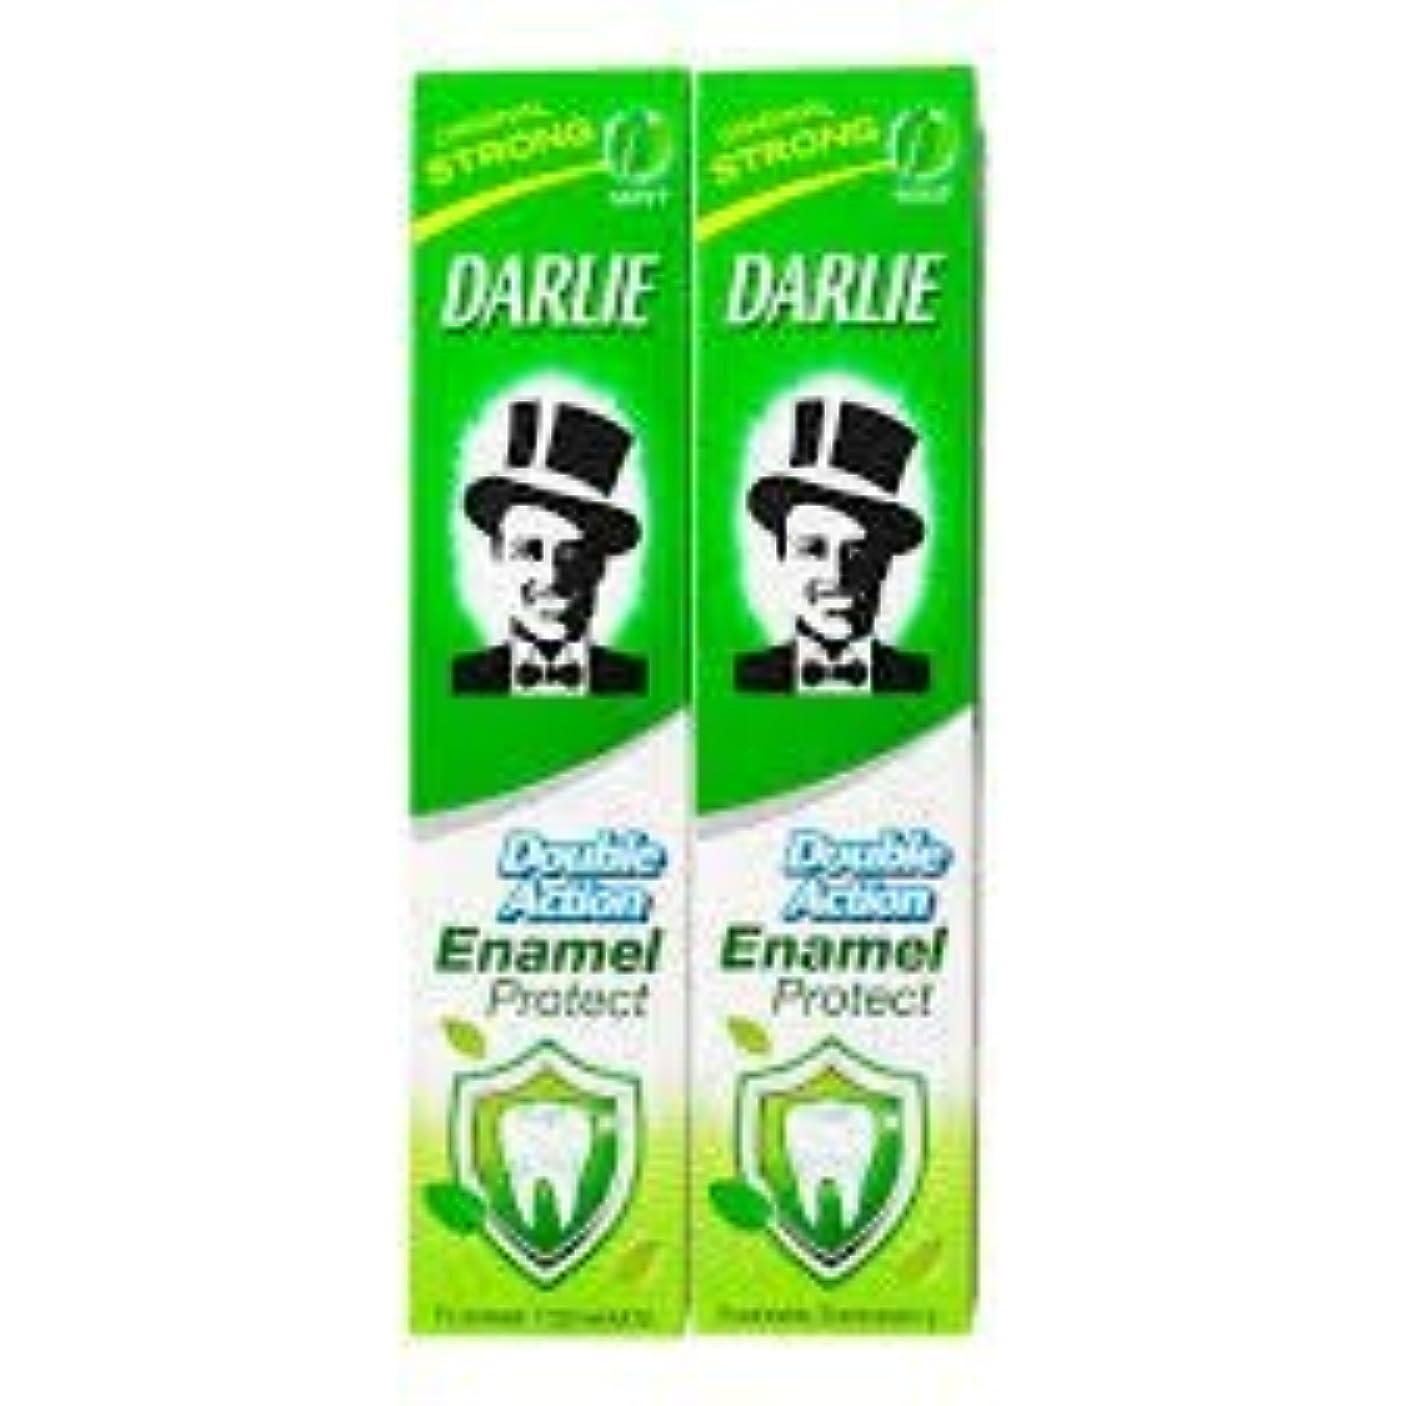 反乱横不明瞭DARLIE 歯磨き粉歯磨き粉二重の役割、保護エナメル強いミント2×220ケ - あなたの歯を強化し、防御の最前線